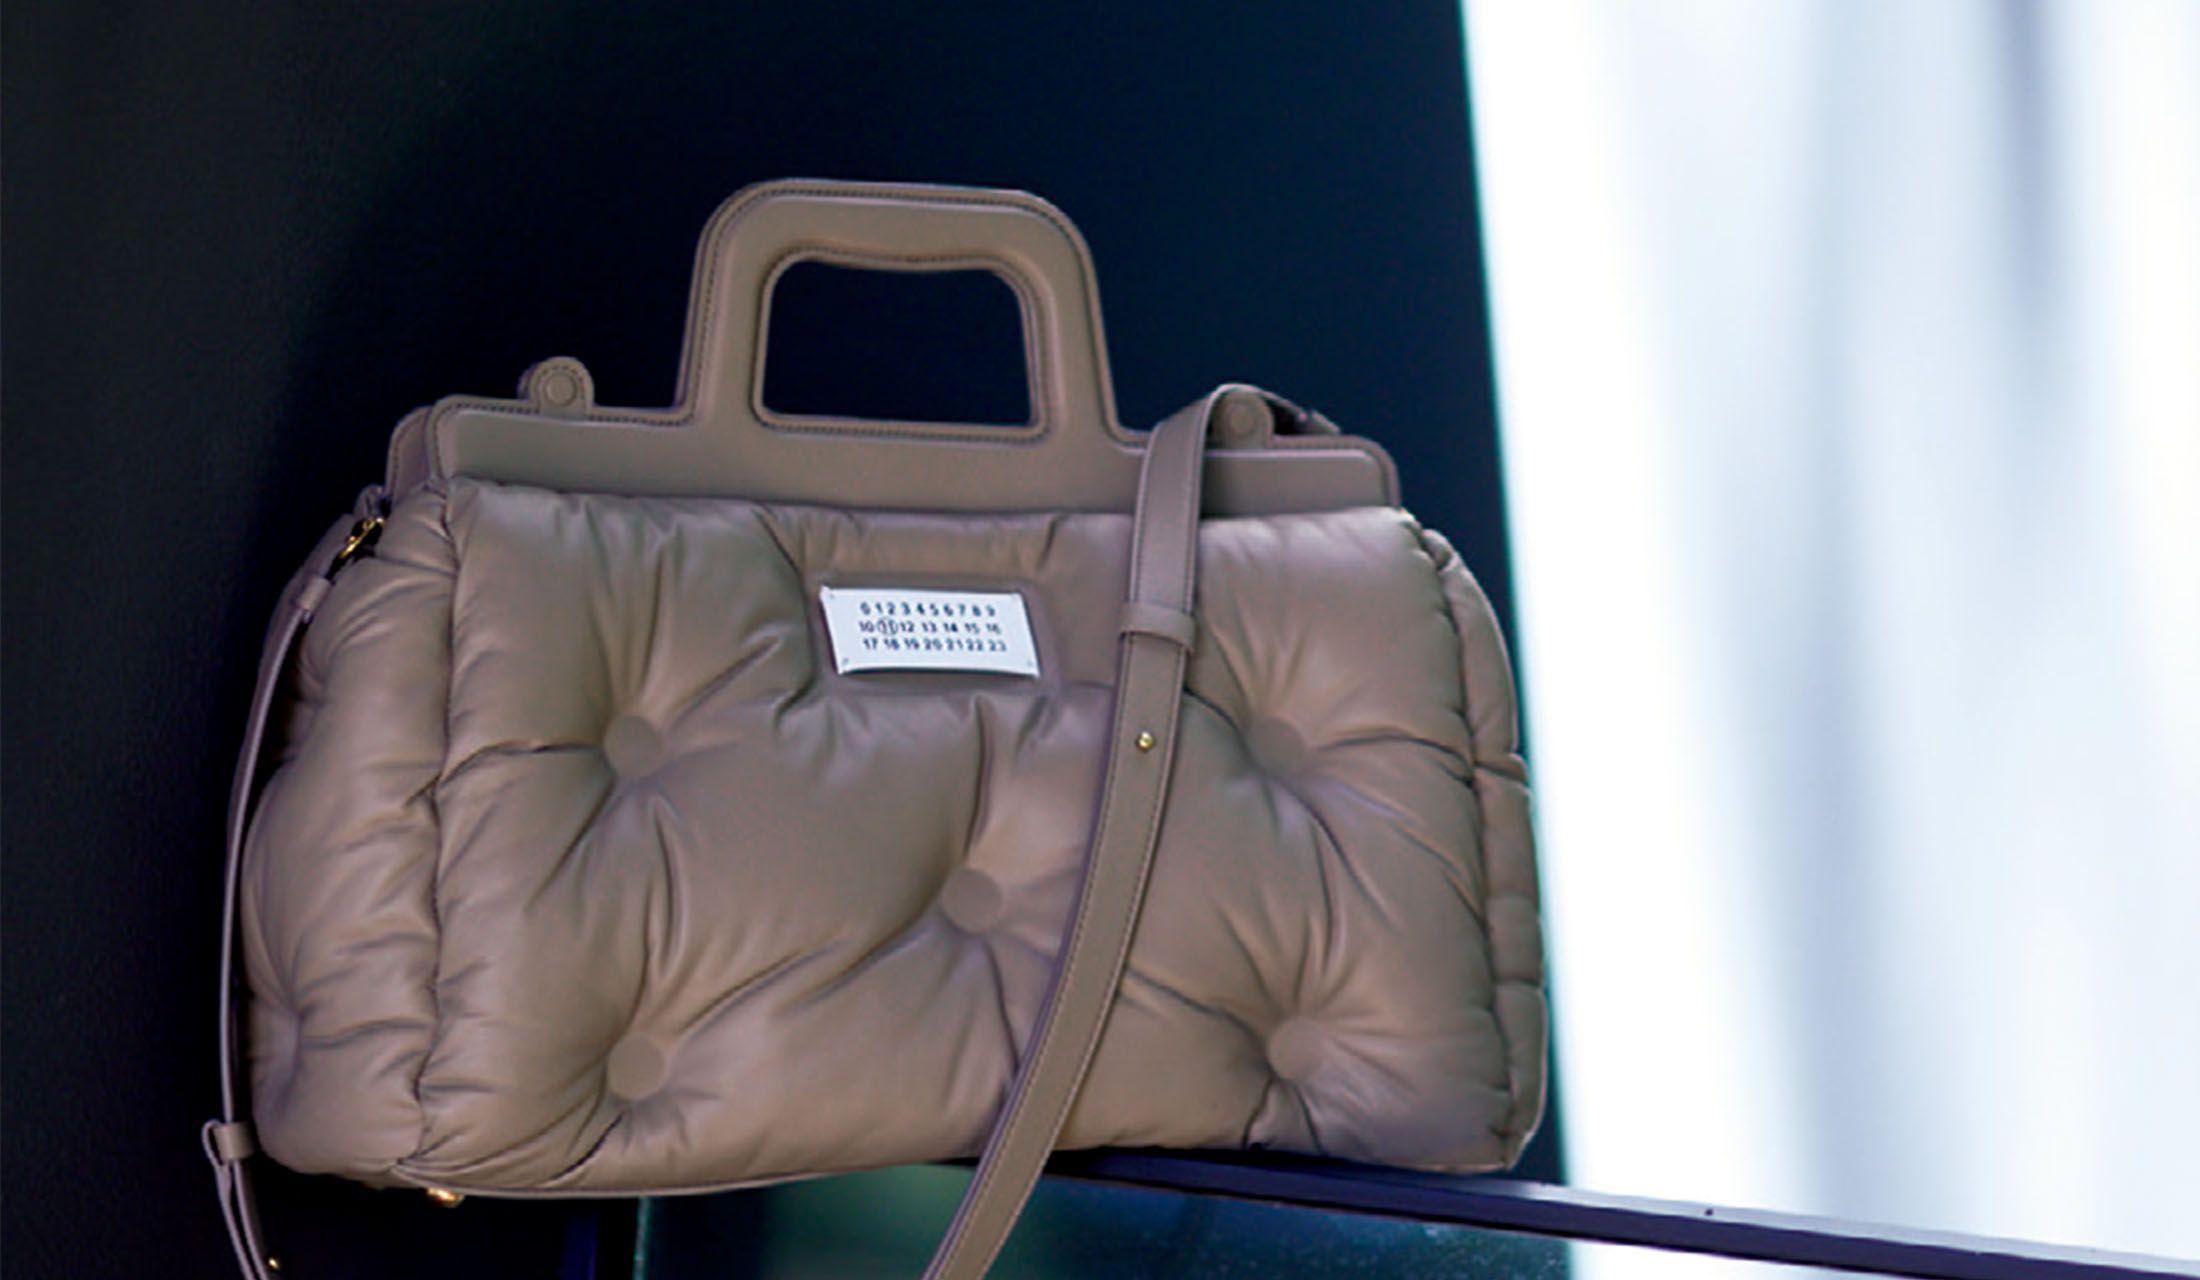 メゾン マルジェラの「休日グレージュ」を最高に輝かせるバッグ「グラム スラム」